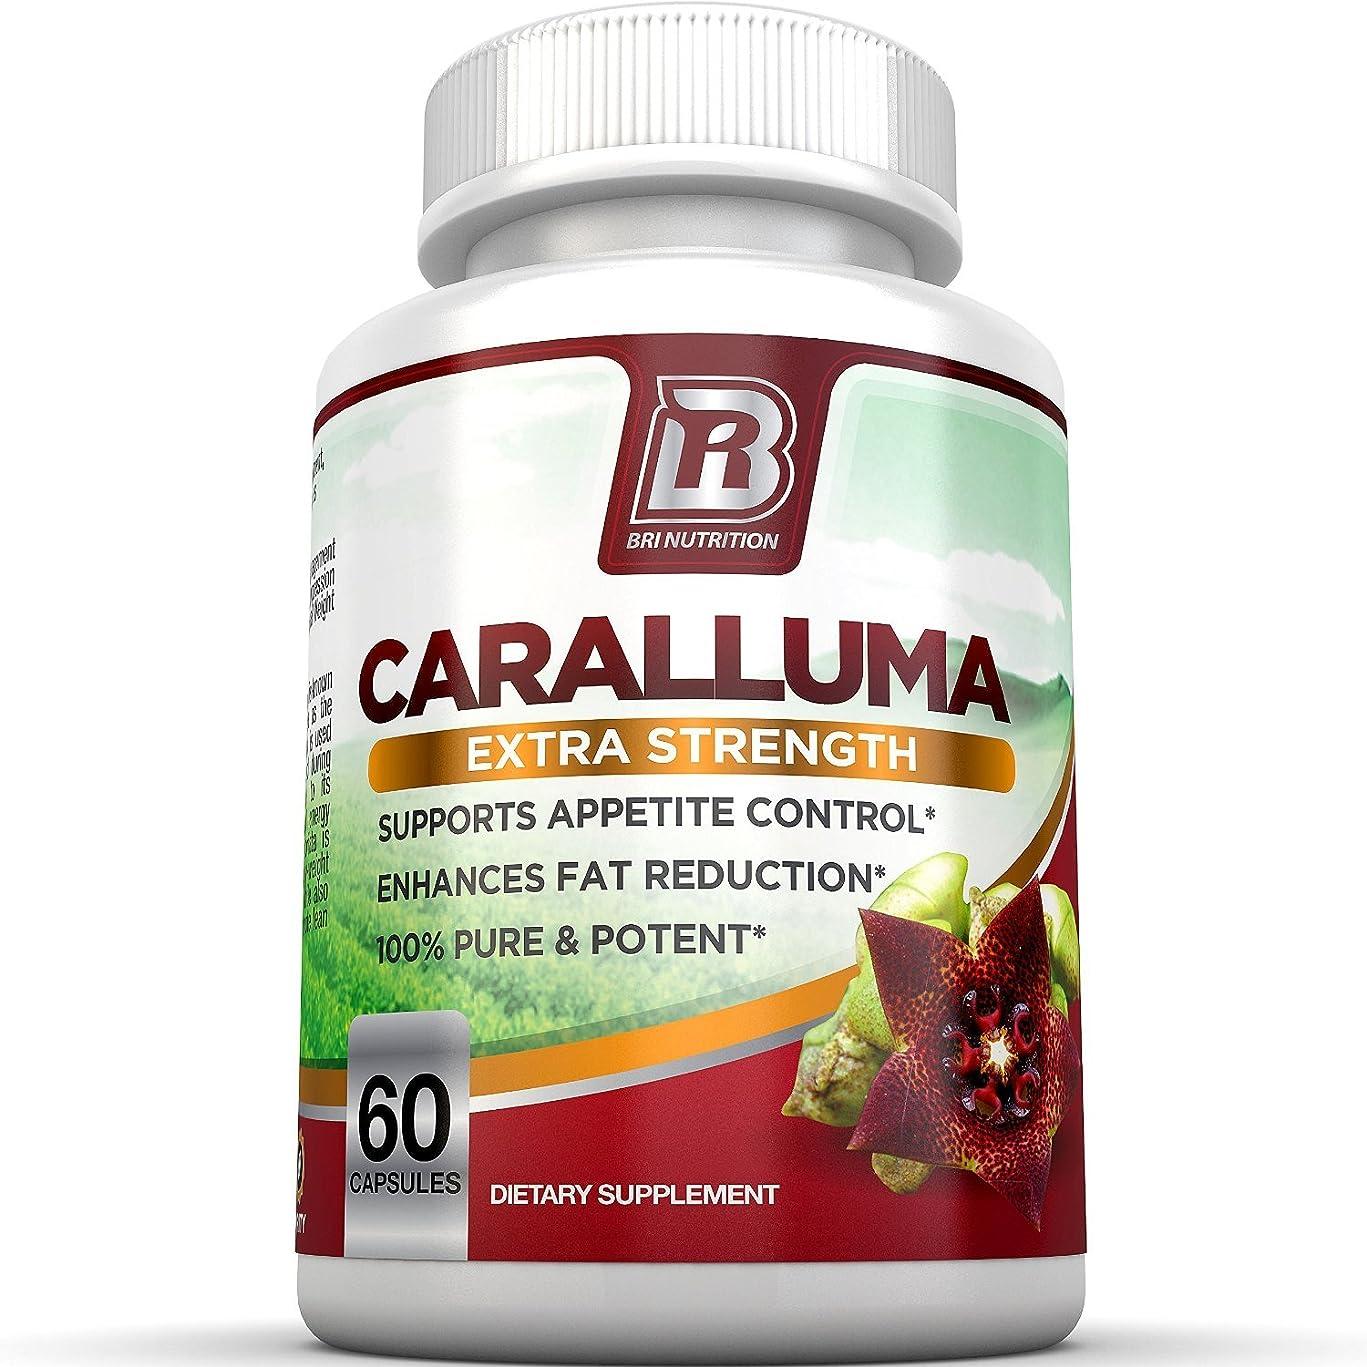 ブレイズバンジージャンプ驚BRI栄養カラルマFimbriata - 20 : 1エキス最大耐力?サプリメント - 30日サプライ60ctベジカプセル - ピュアインドカラルマFimbriataから作りました BRI Nutrition Caralluma Fimbriata - 20:1 Extract Maximum Strength Supplement - Made From Pure Indian Caralluma Fimbriata - 30 Day Supply 60ct Veggie Capsules